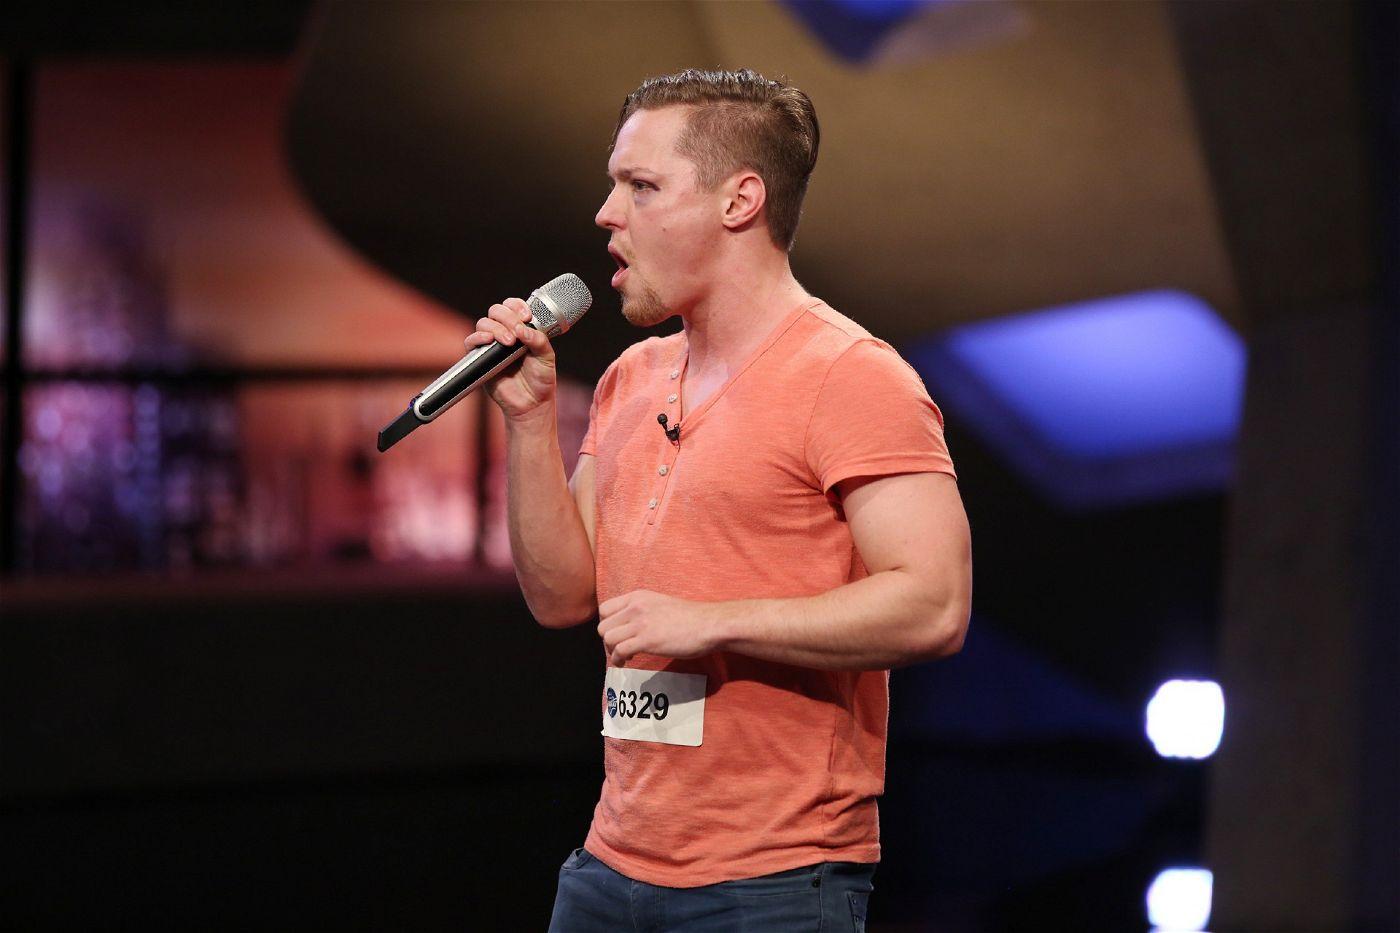 Fabius Titus Gnauck ist von Beruf Wrestler, möchte nun aber Karriere als Musiker machen.